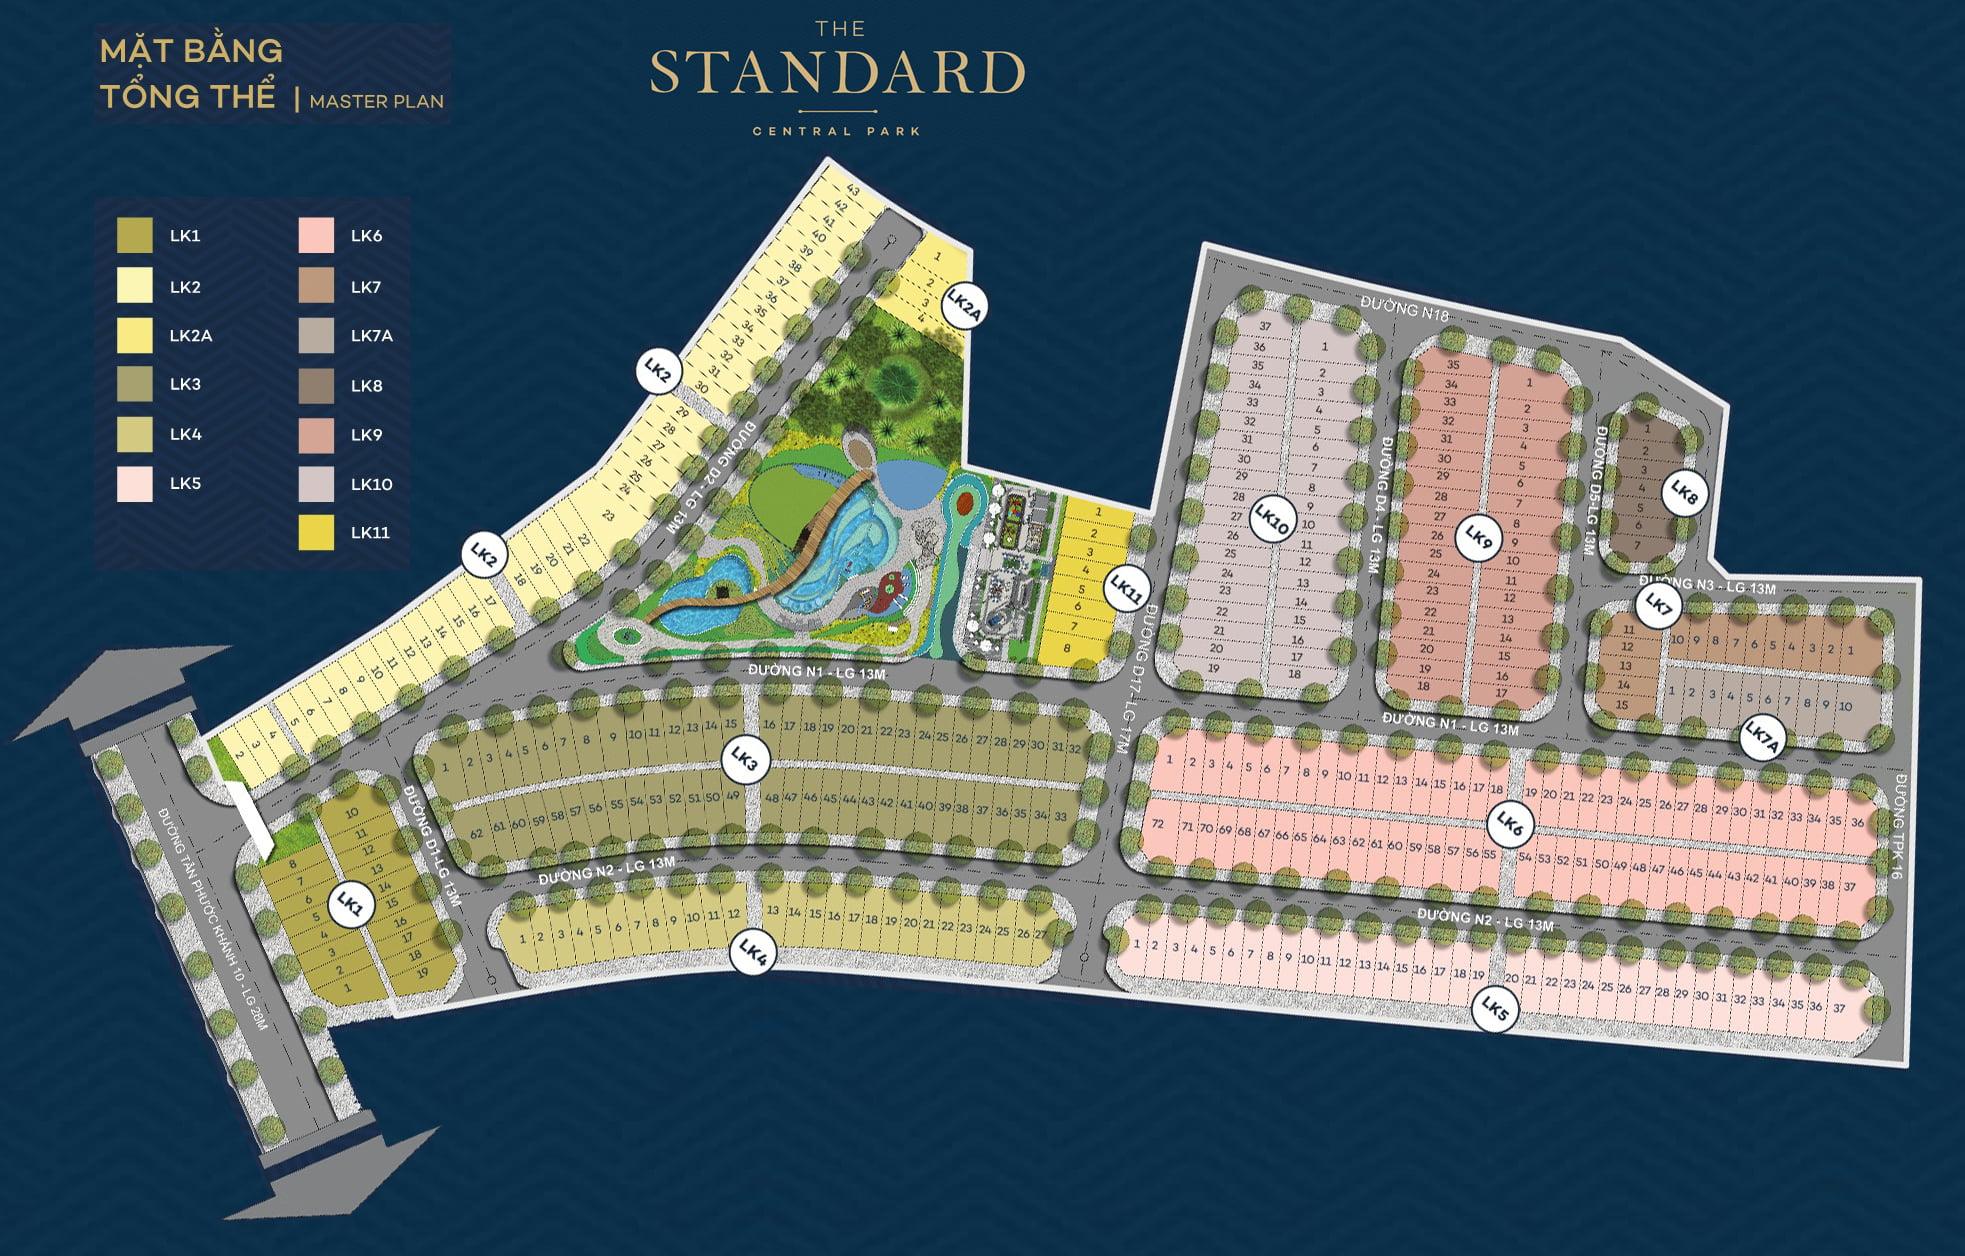 Mặt bằng Dự án Nhà phố The Standard Bình Dương